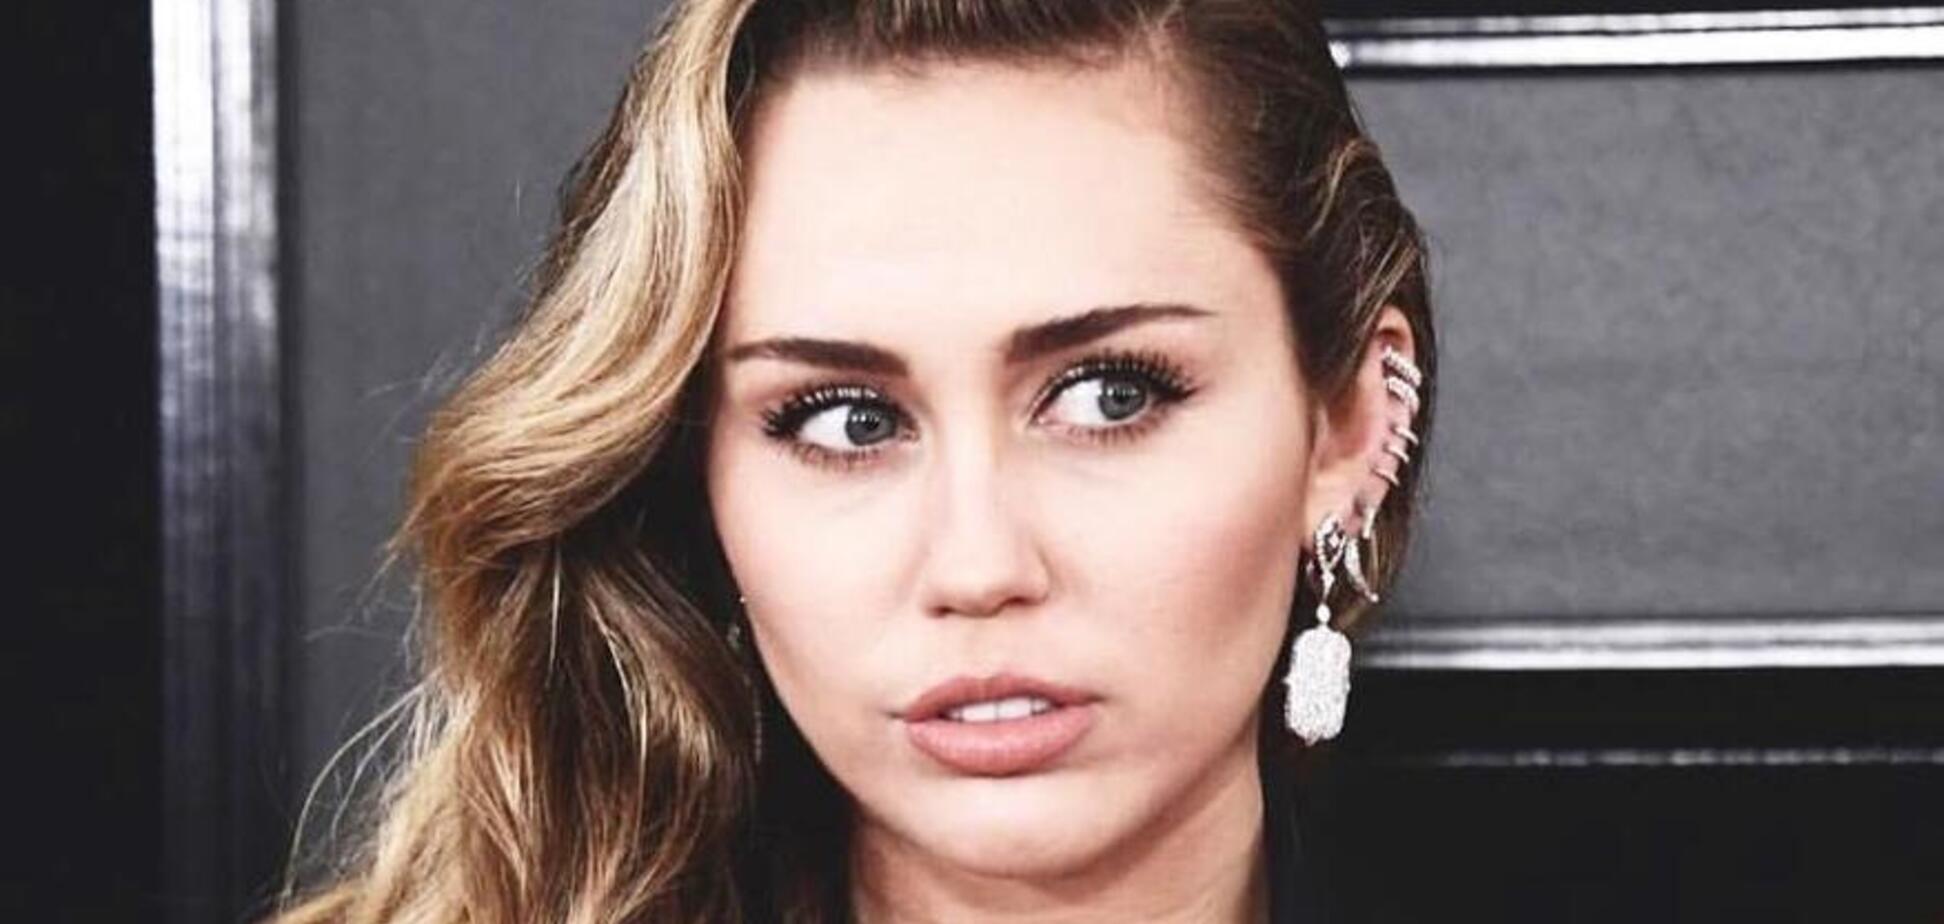 'Королева сосків!' Американська співачка завела мережу оголеними грудьми